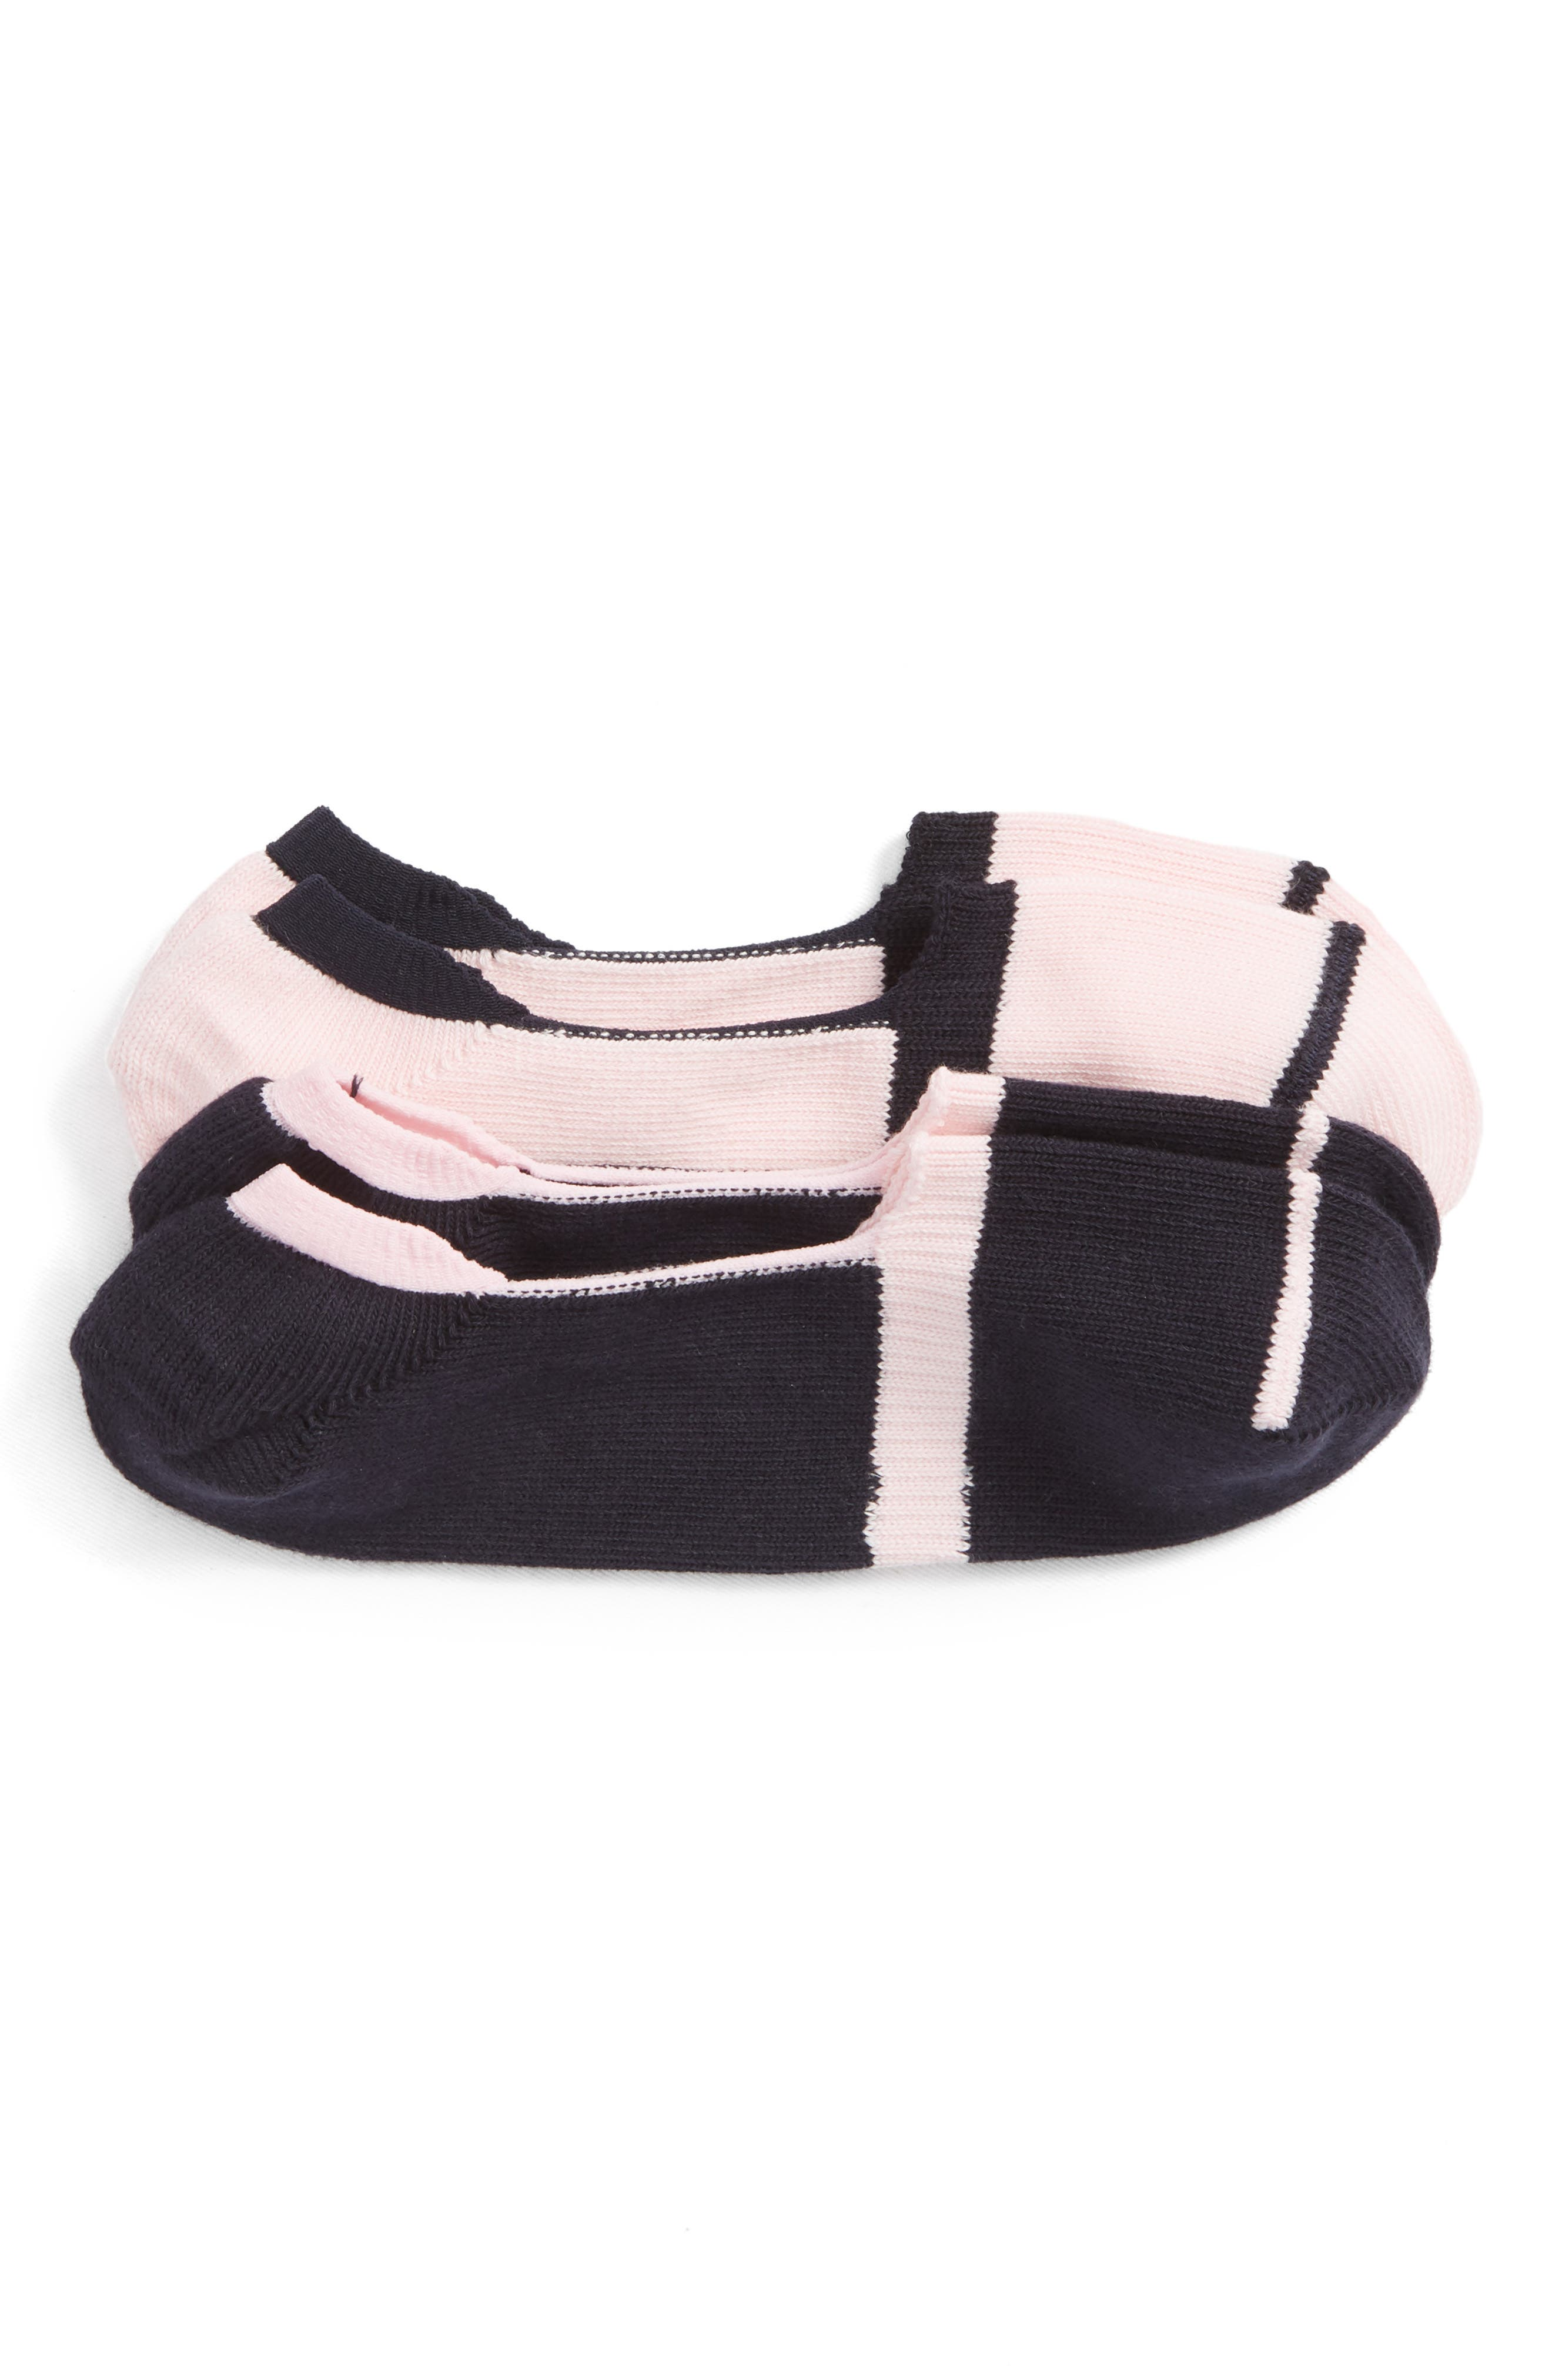 2-Pack Loafer Liner Socks,                         Main,                         color, NAVY/ PINK